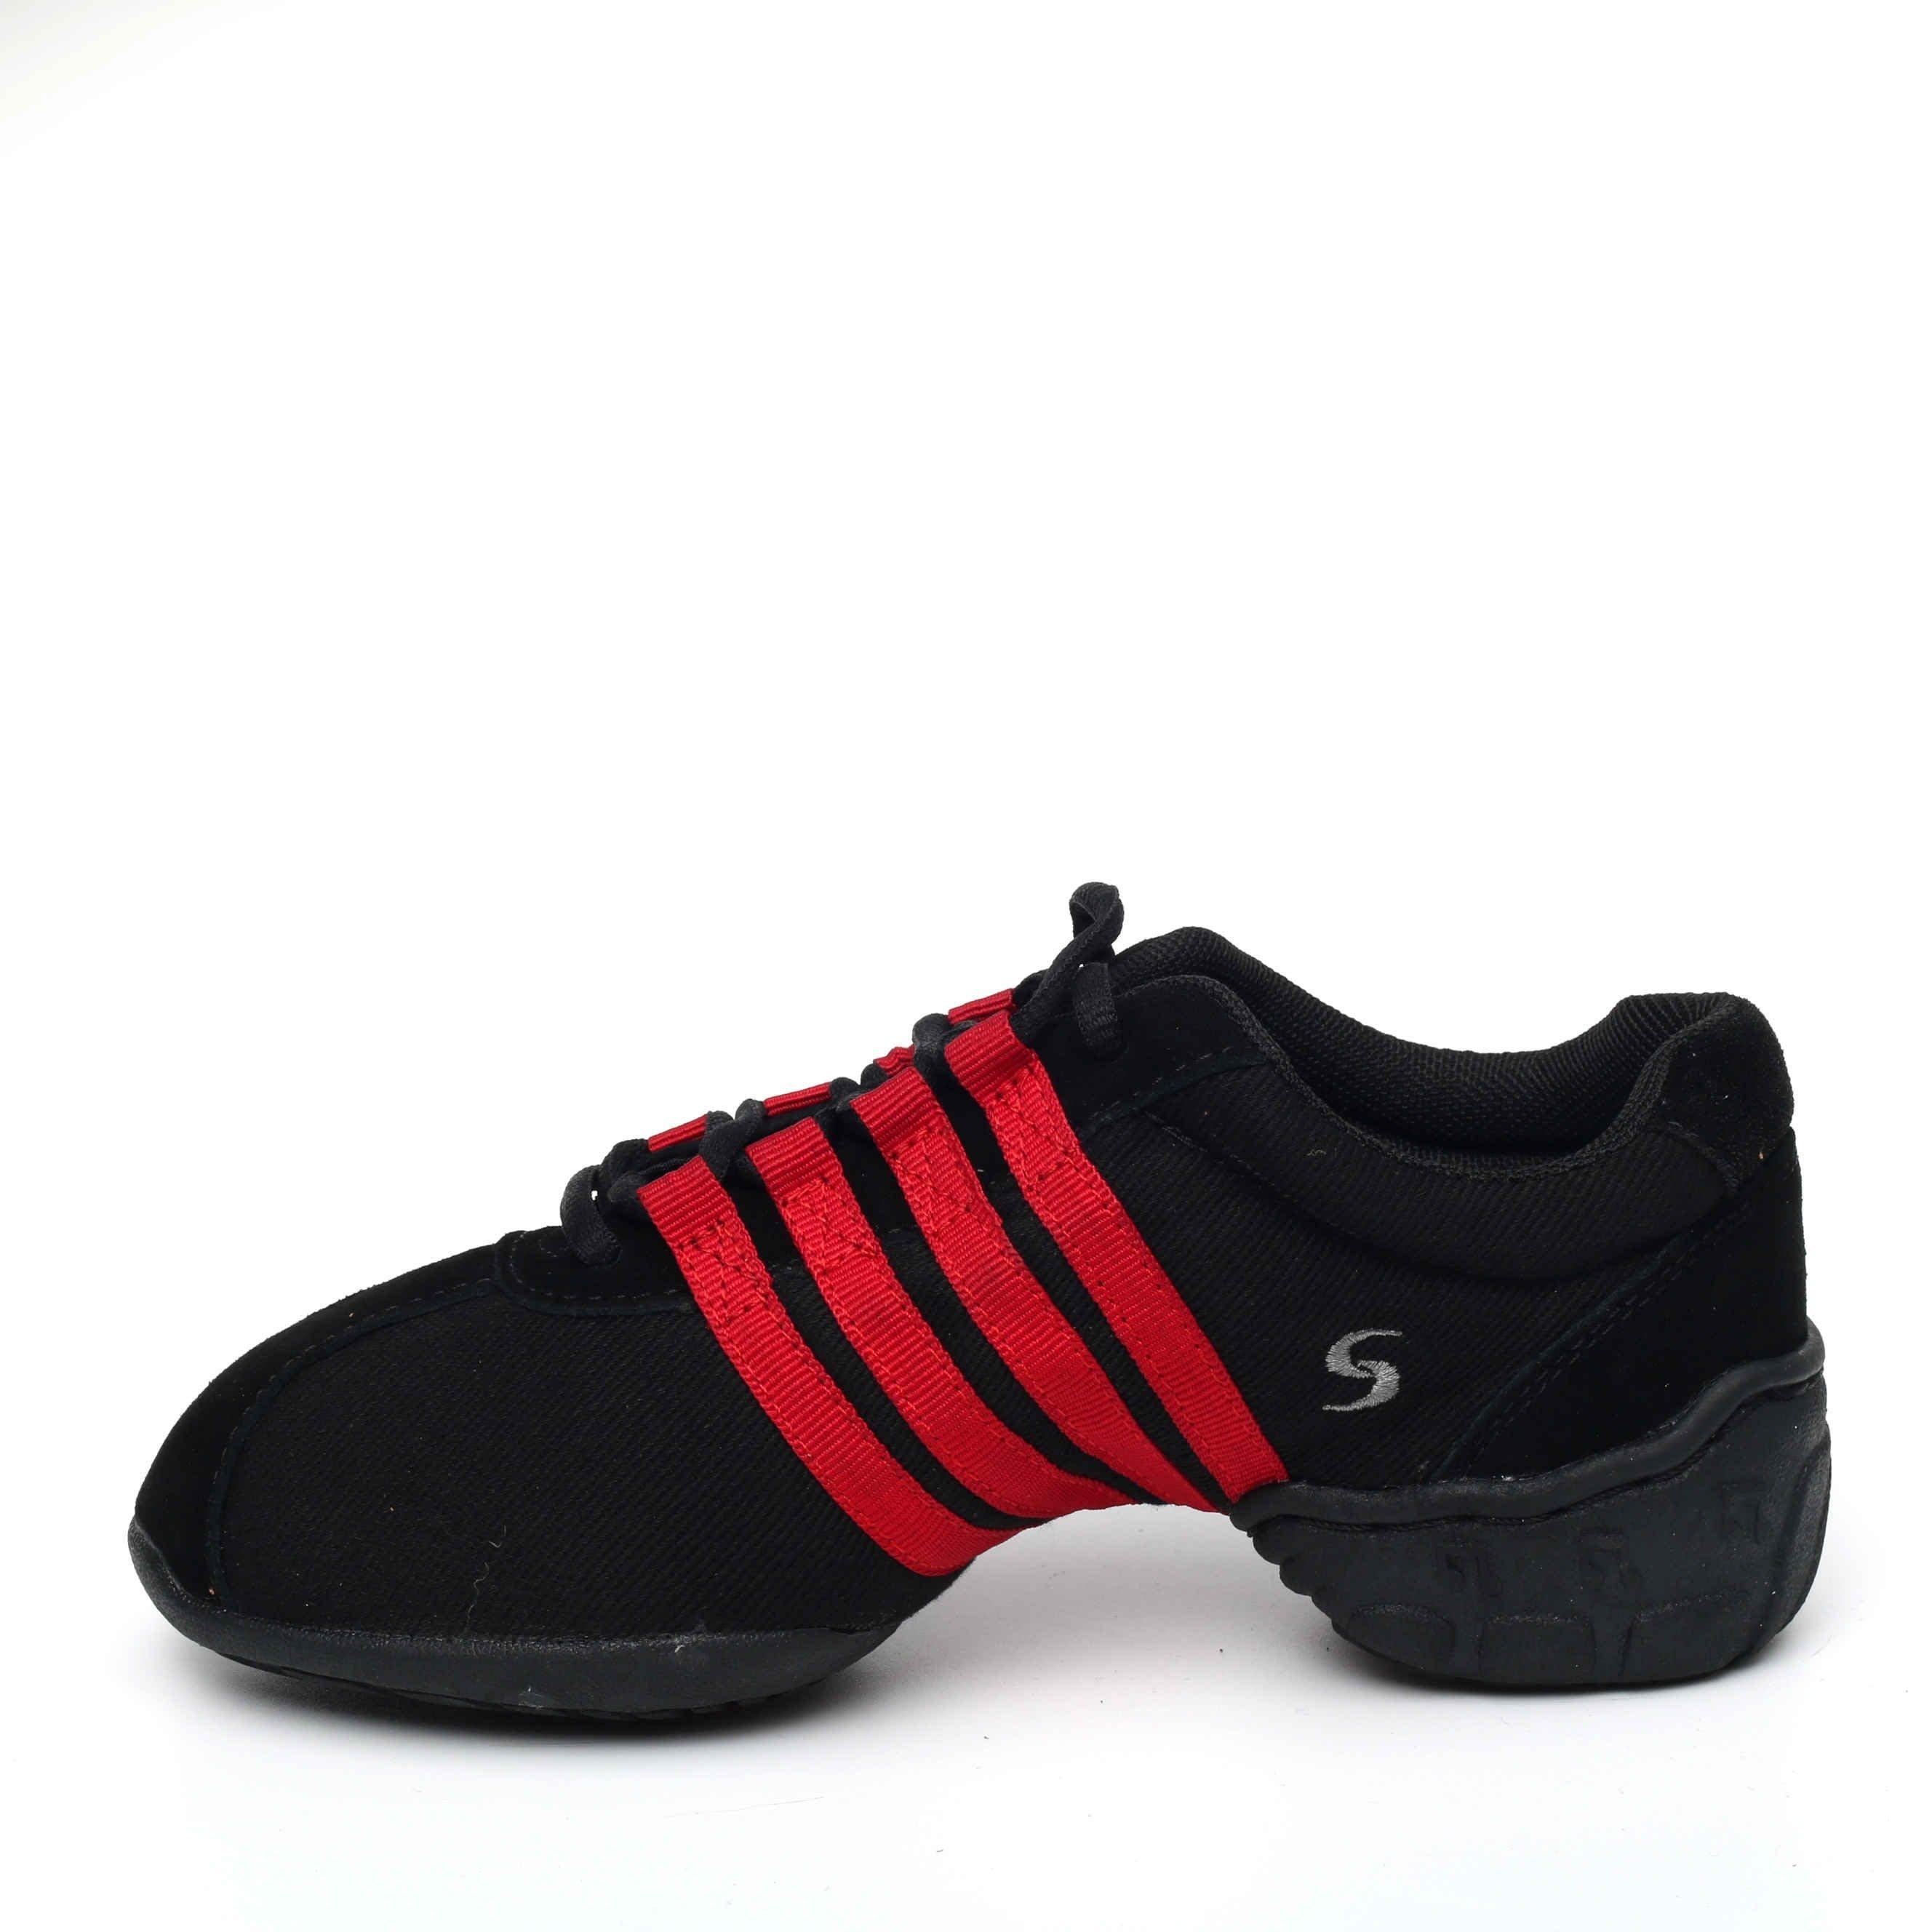 Afa安法國標舞鞋/拉丁舞鞋~~多功能運動舞鞋 原價$2,300~~70606 紅色邊條